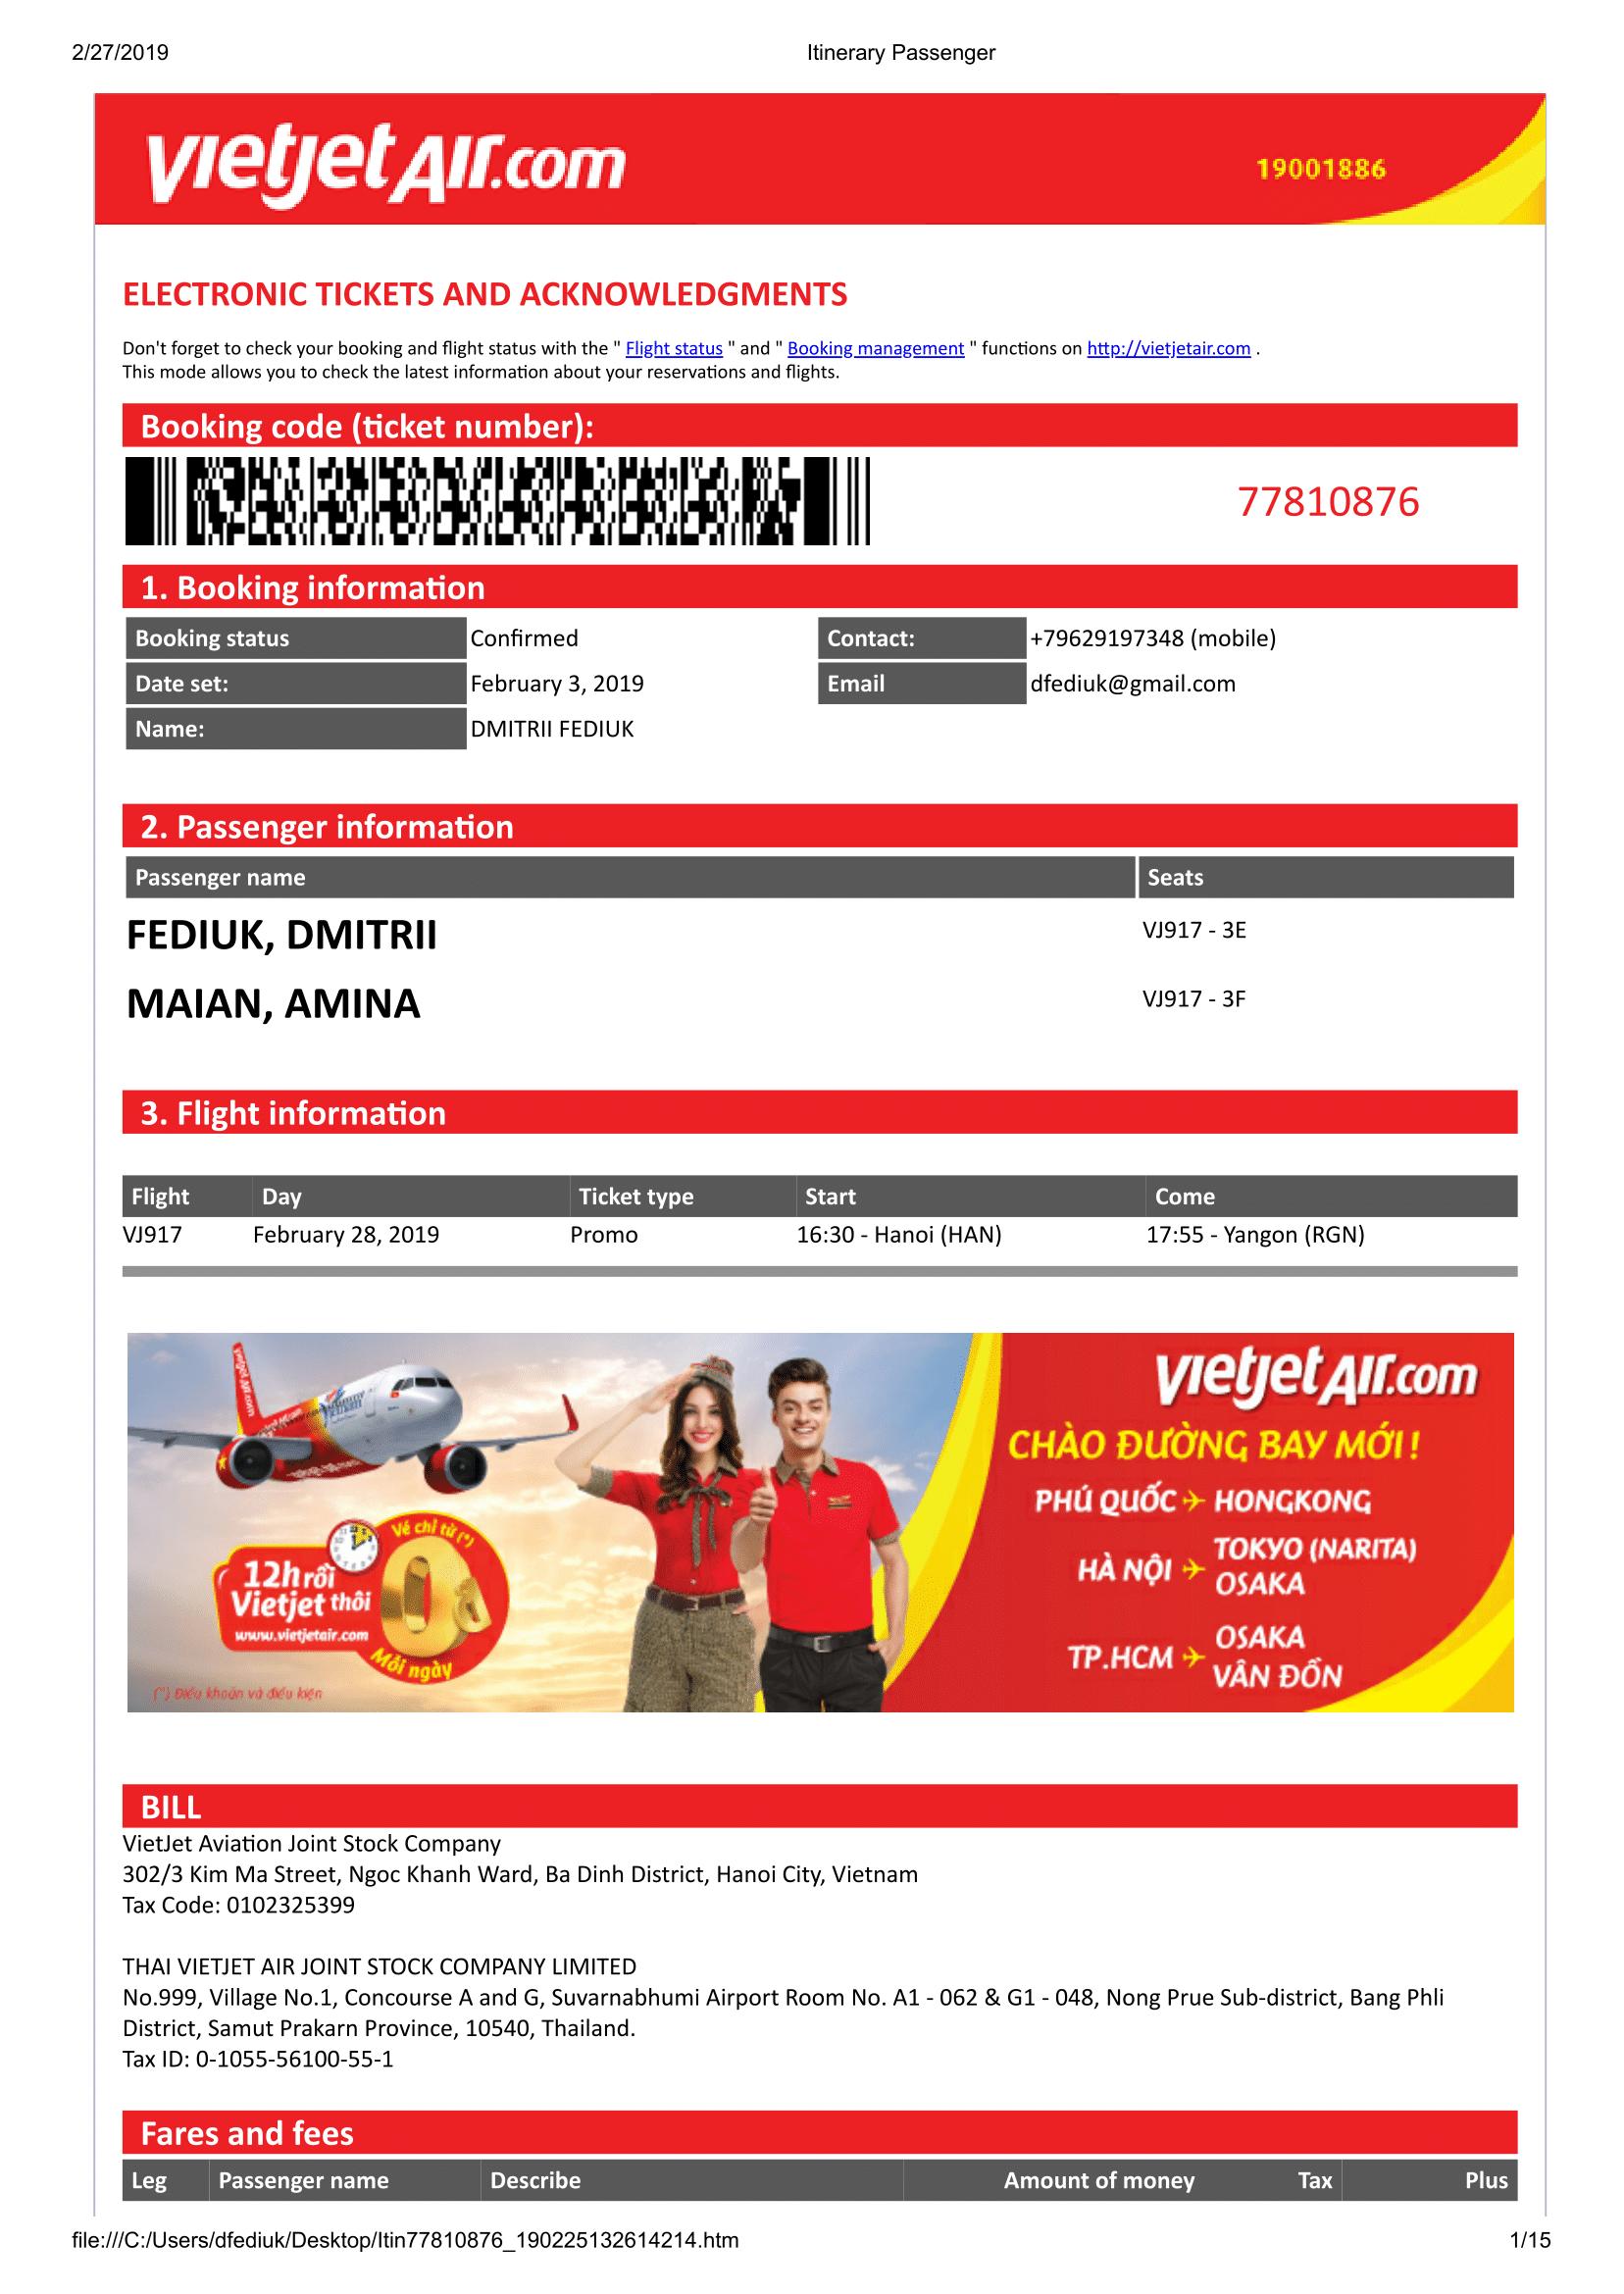 Itinerary%20Passenger-01